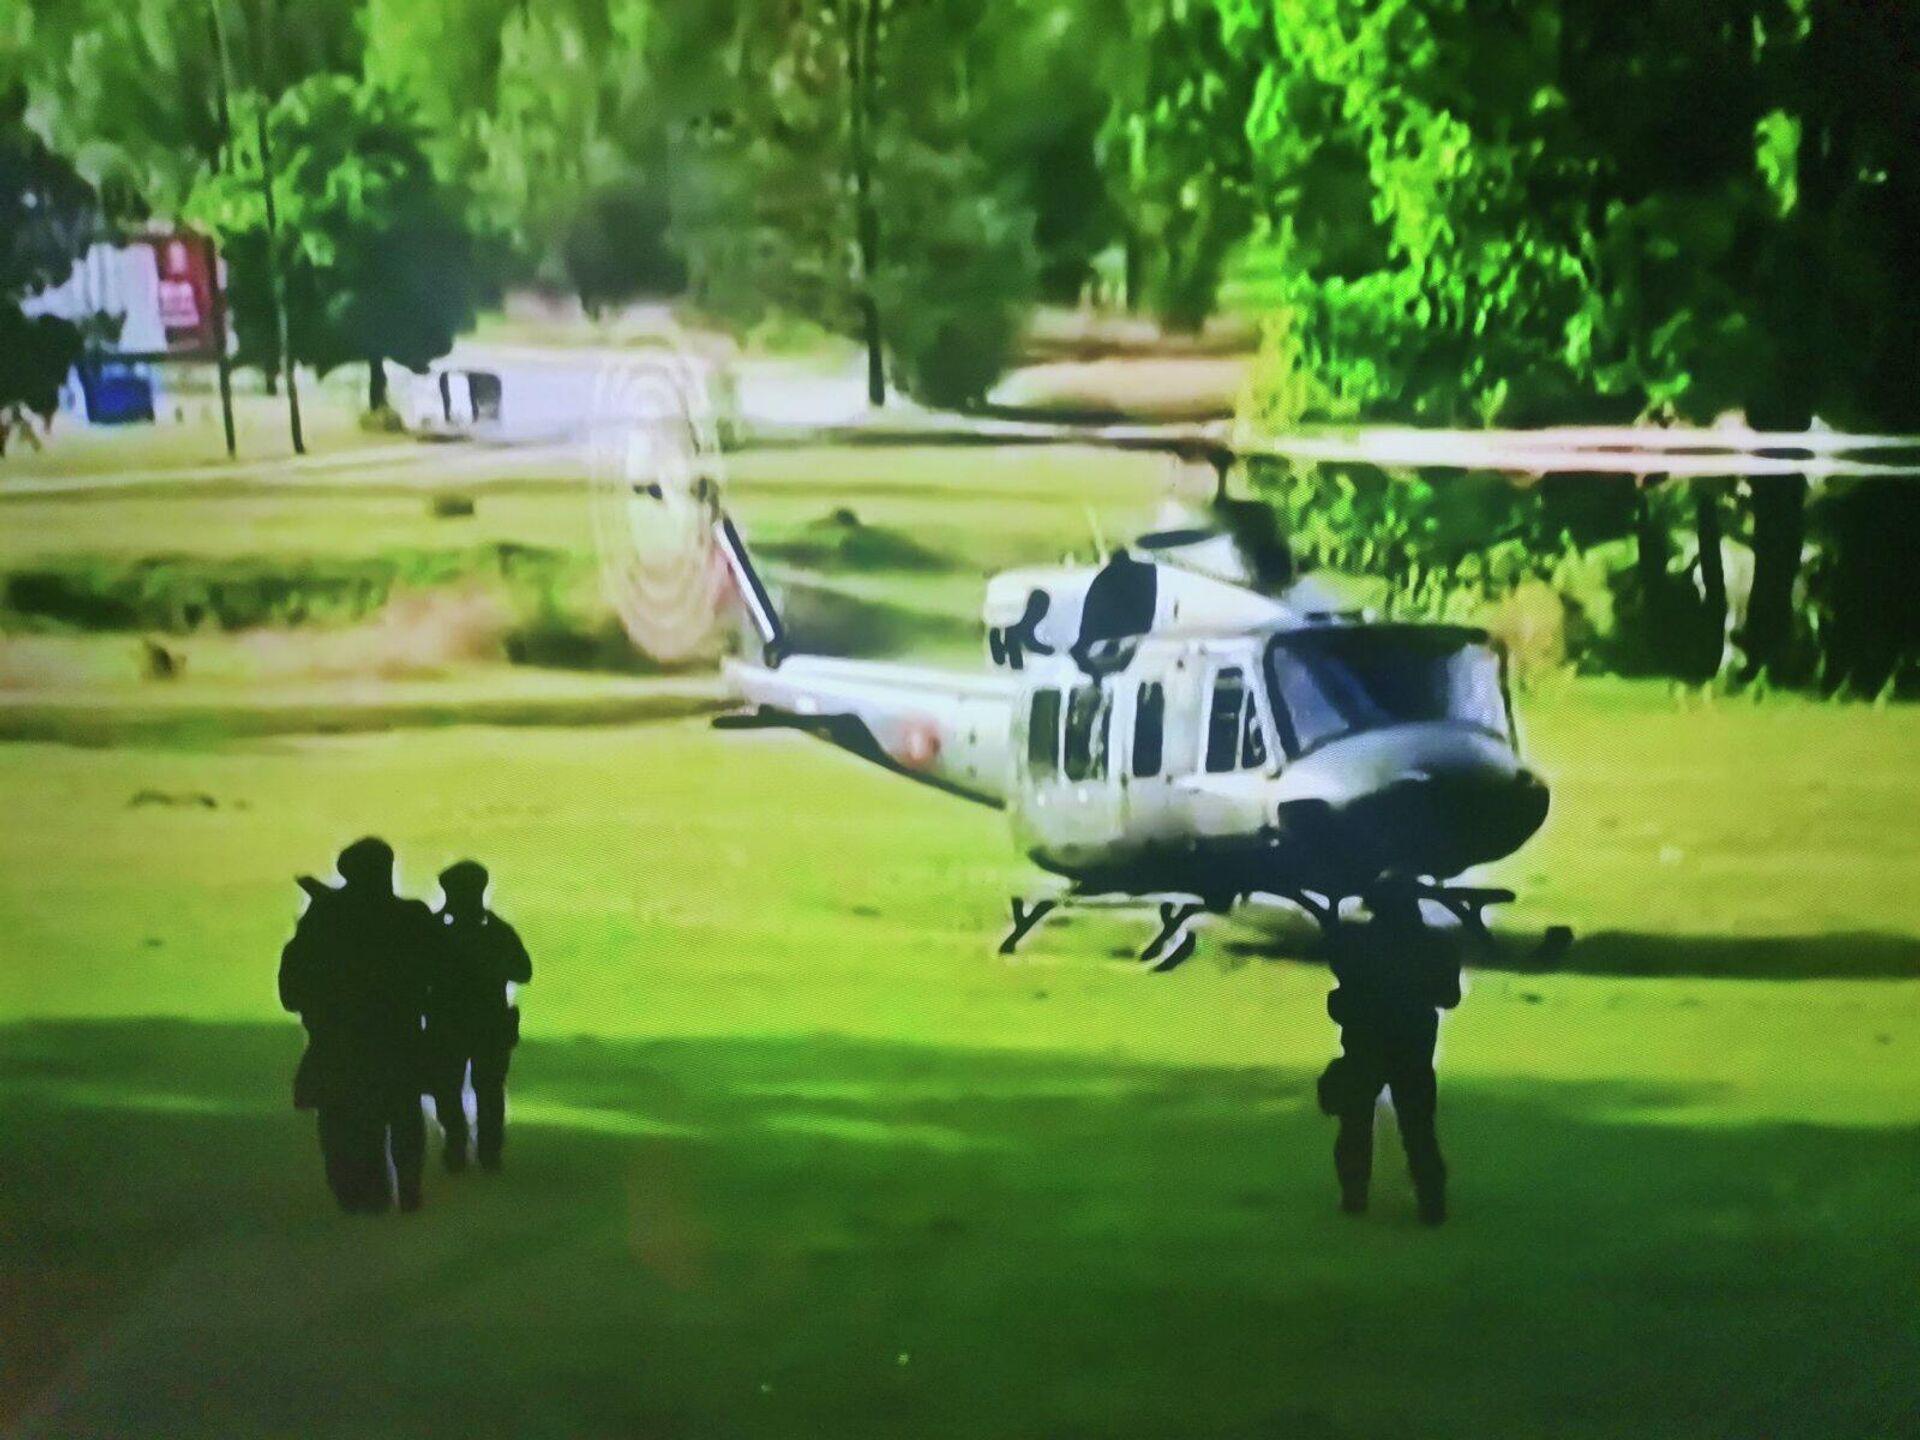 Тренутак слетања хеликоптера у ком су патријарх Порфирије и митрополит Јоаникије - Sputnik Србија, 1920, 05.09.2021